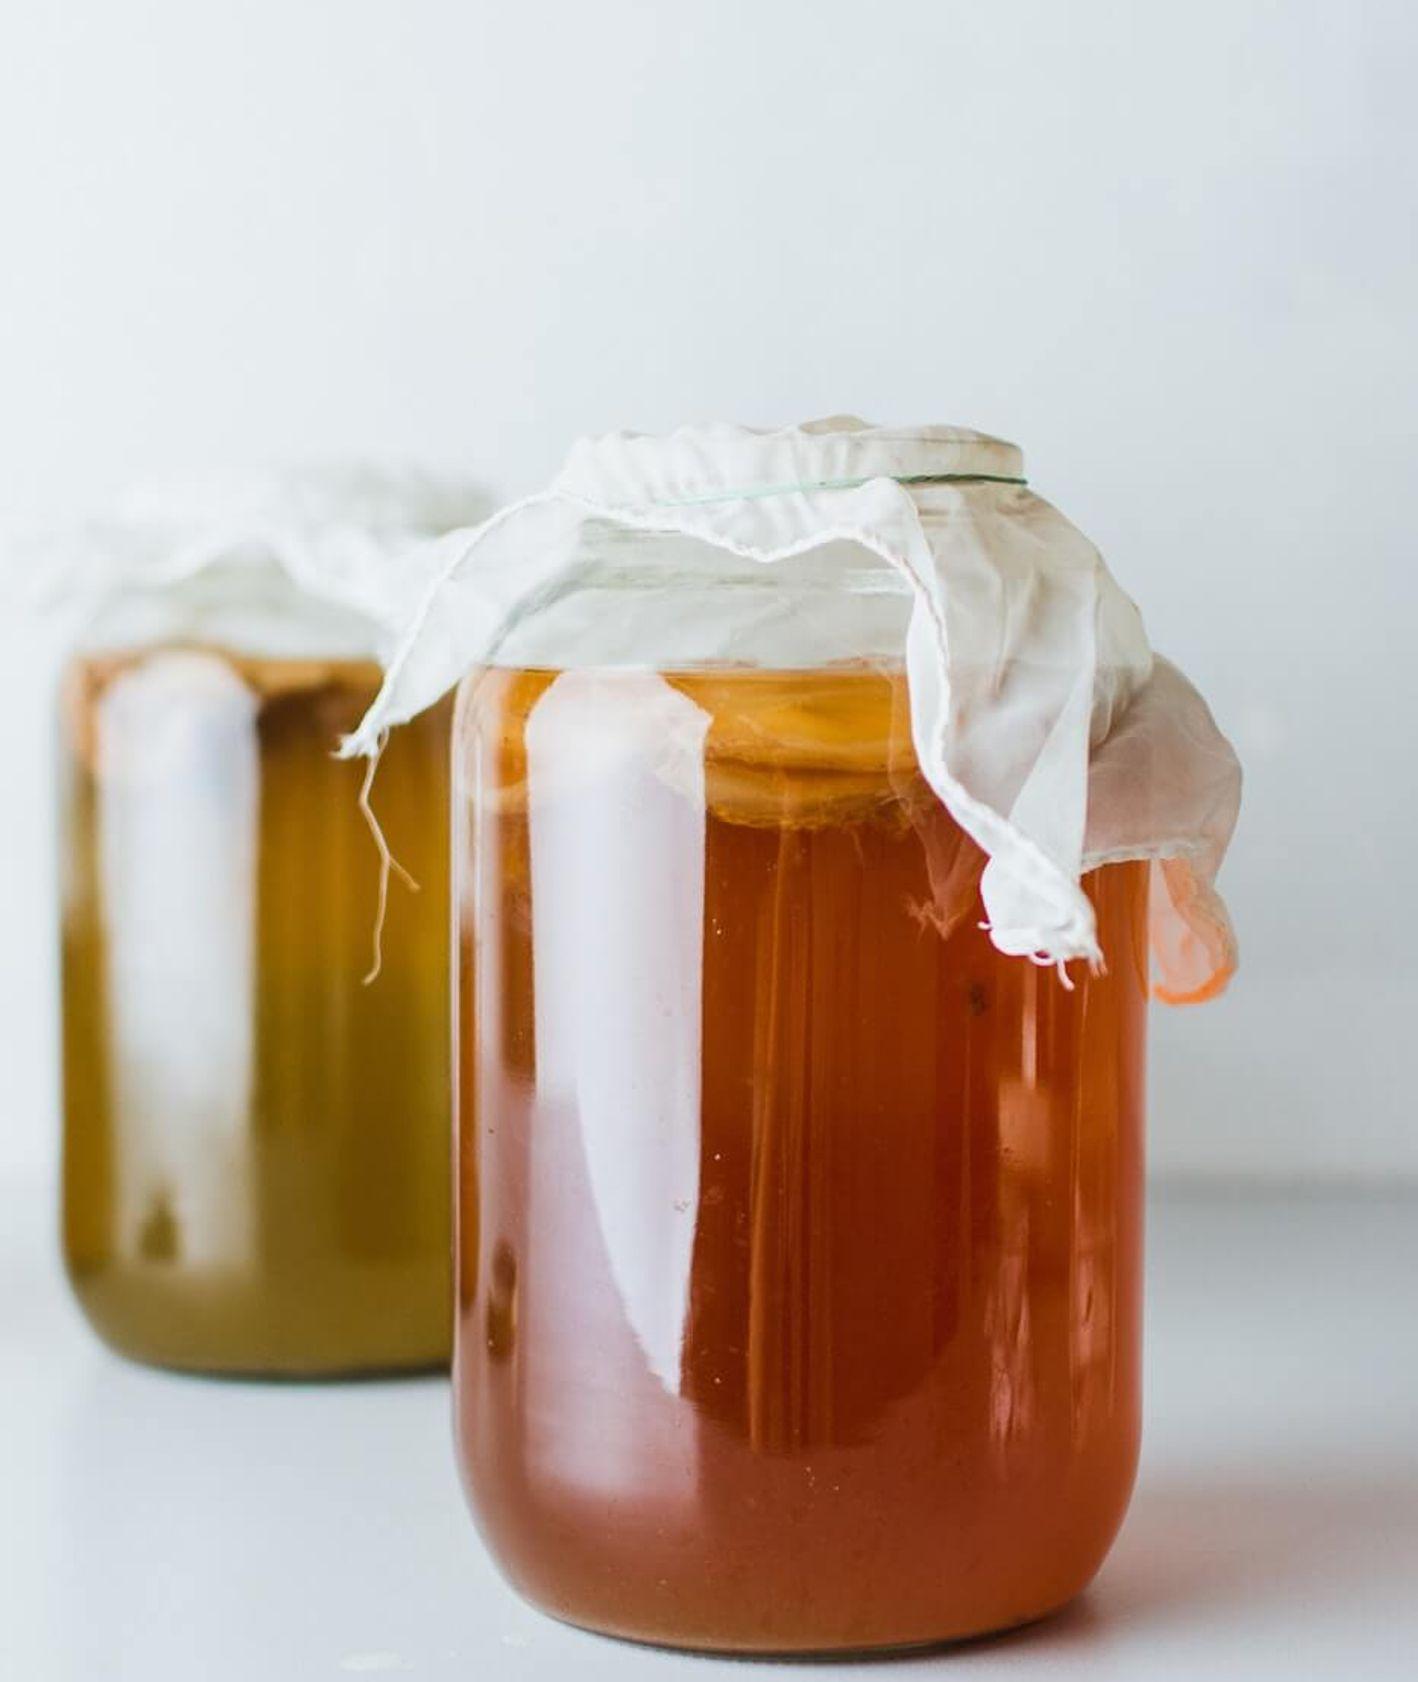 Słoiki z kombuchą, fermentowaną herbatą (fot. Klara Avsenik / unsplash.com)